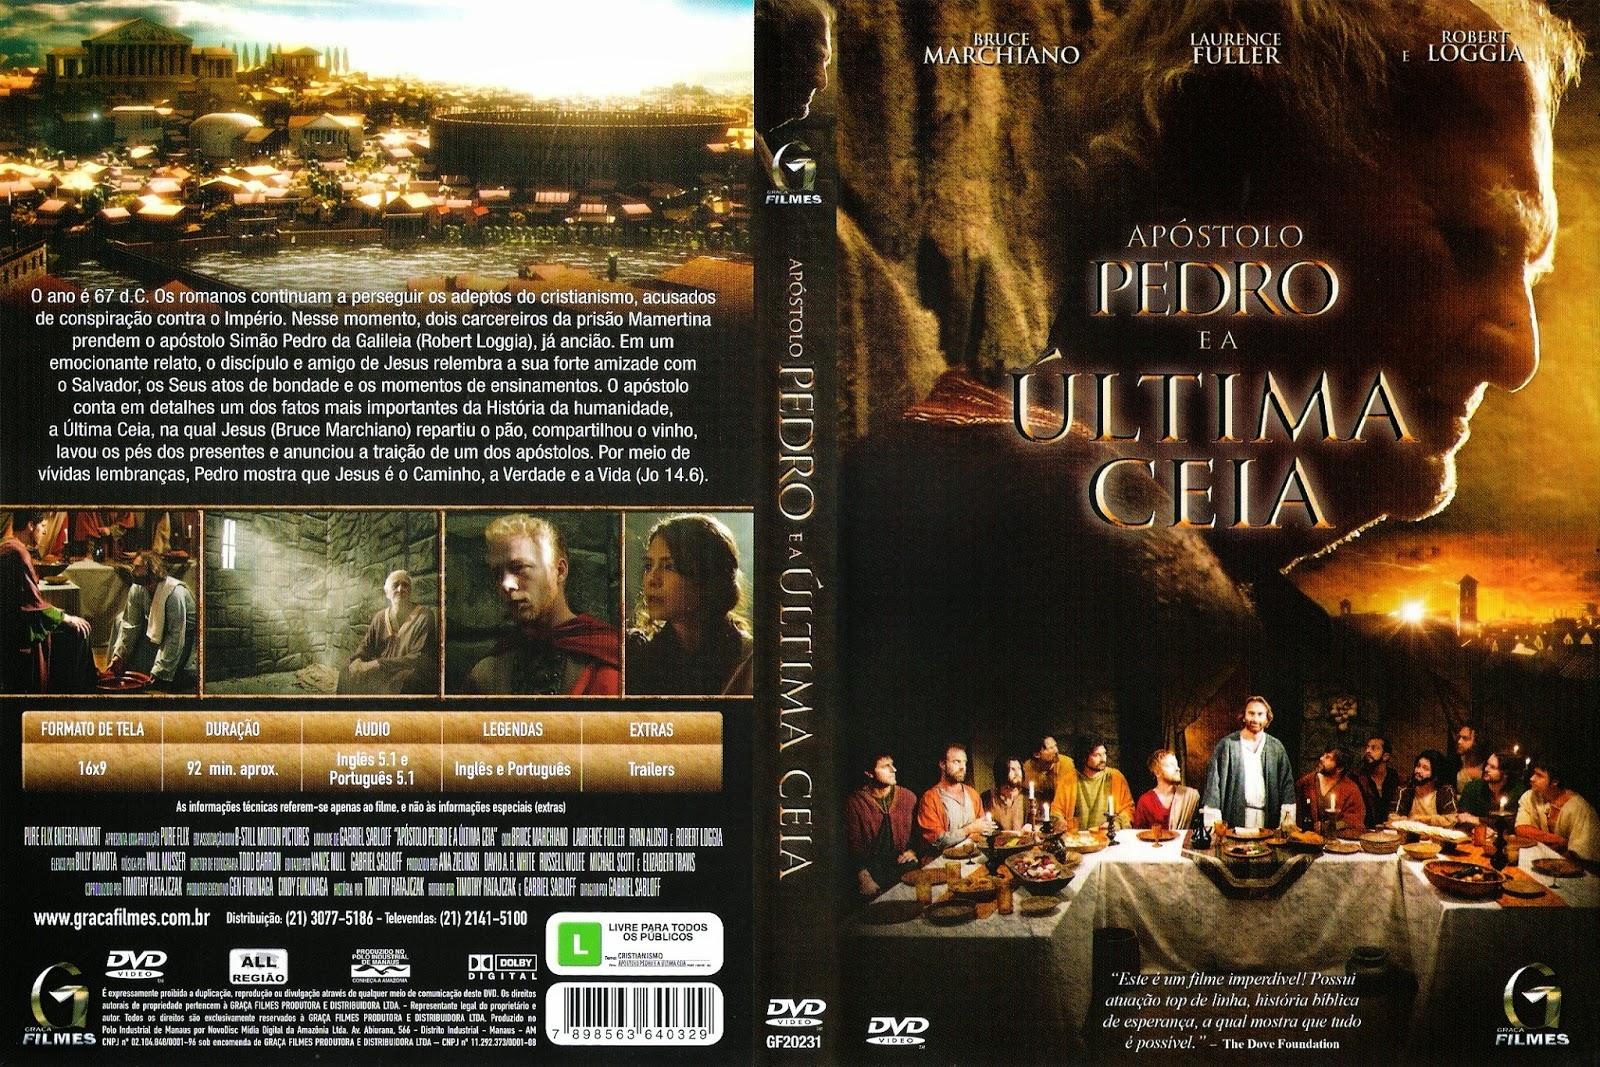 FILME ONLINE APOSTOLO PEDRO E A ÚTIMA CEIA